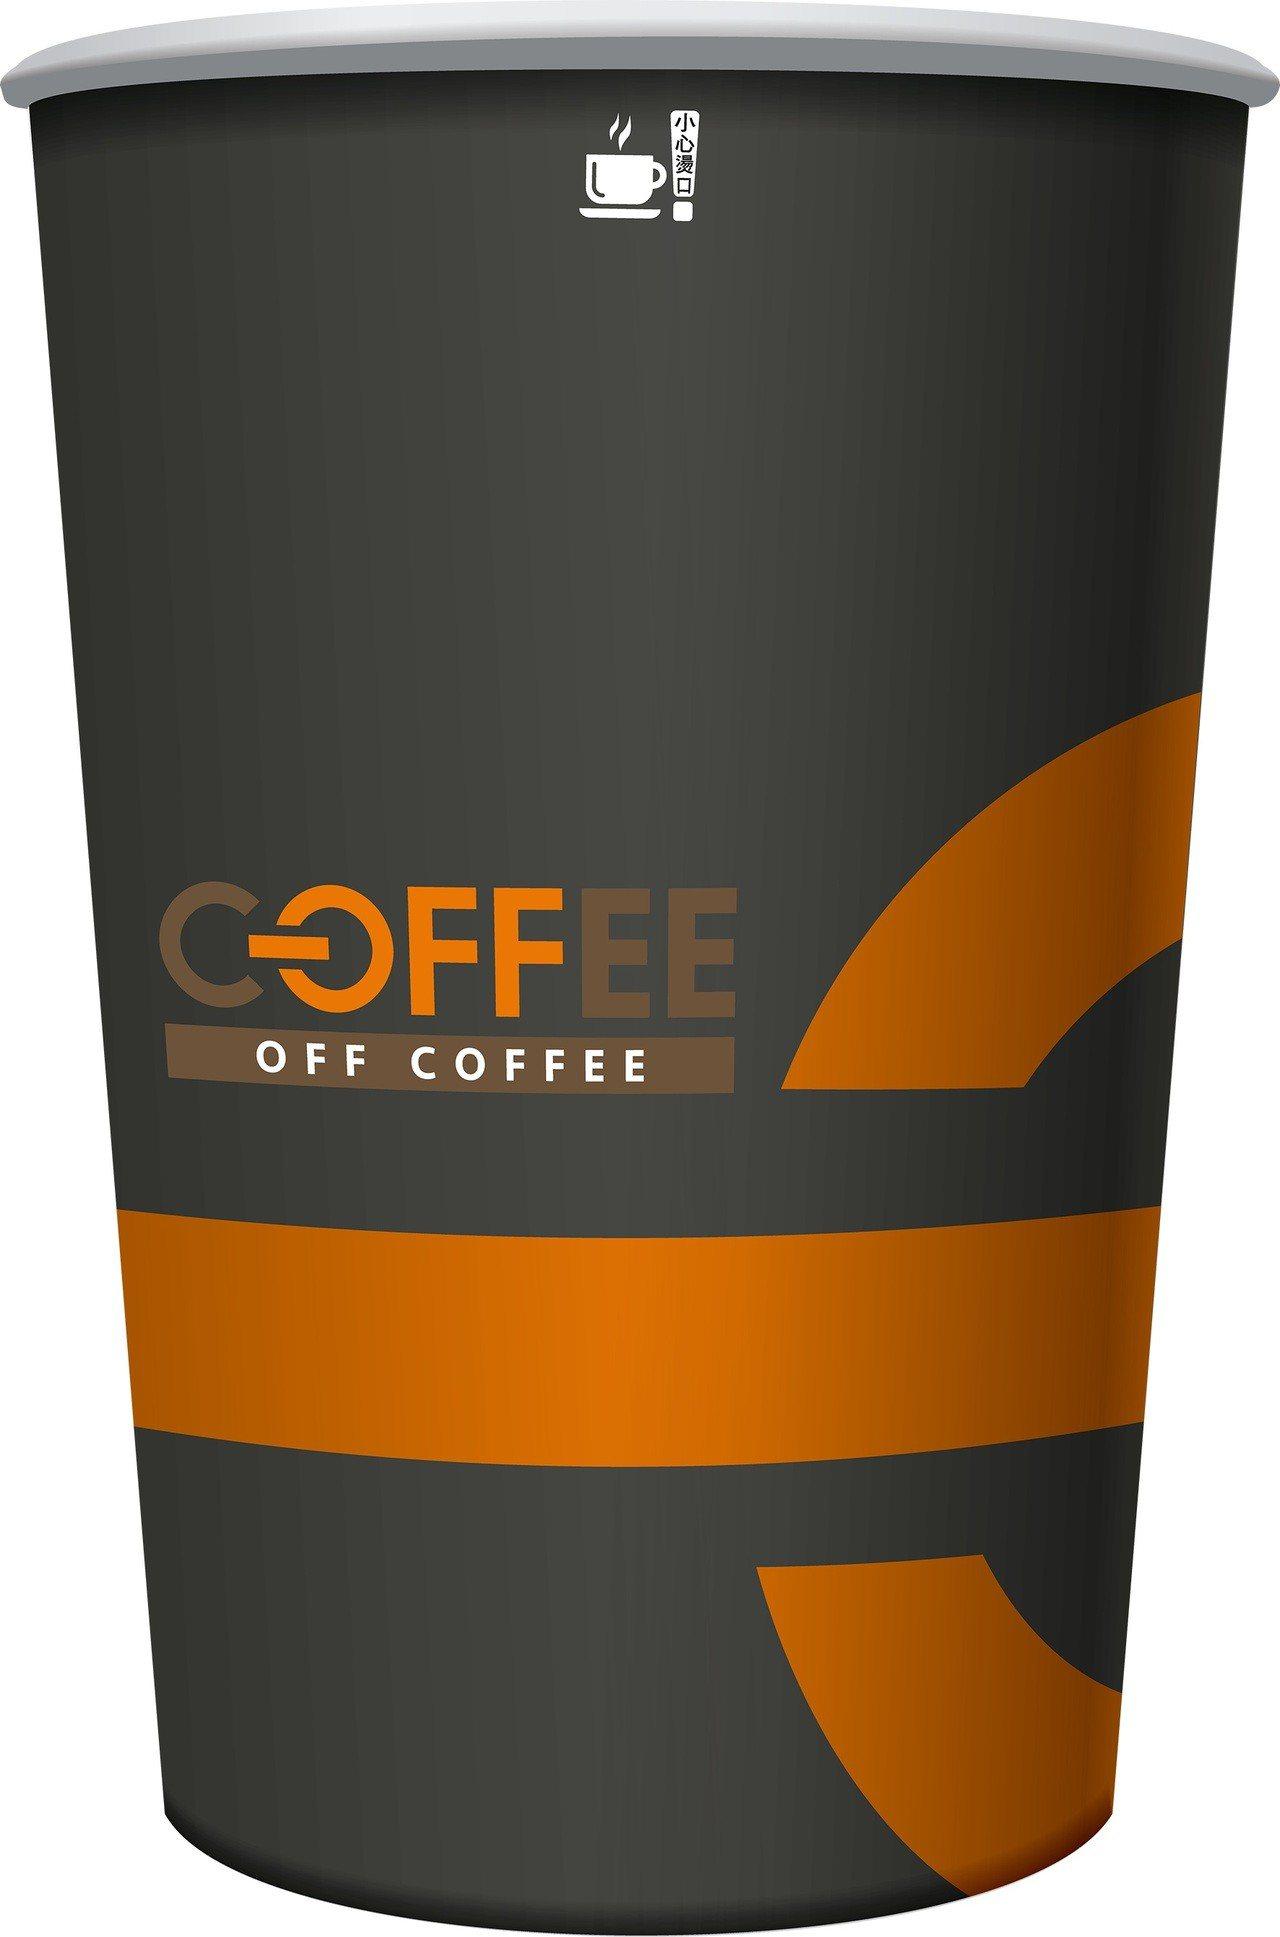 全聯宣布,將連續七日推出OFF COFFEE熱美式買一送一。 圖/全聯提供